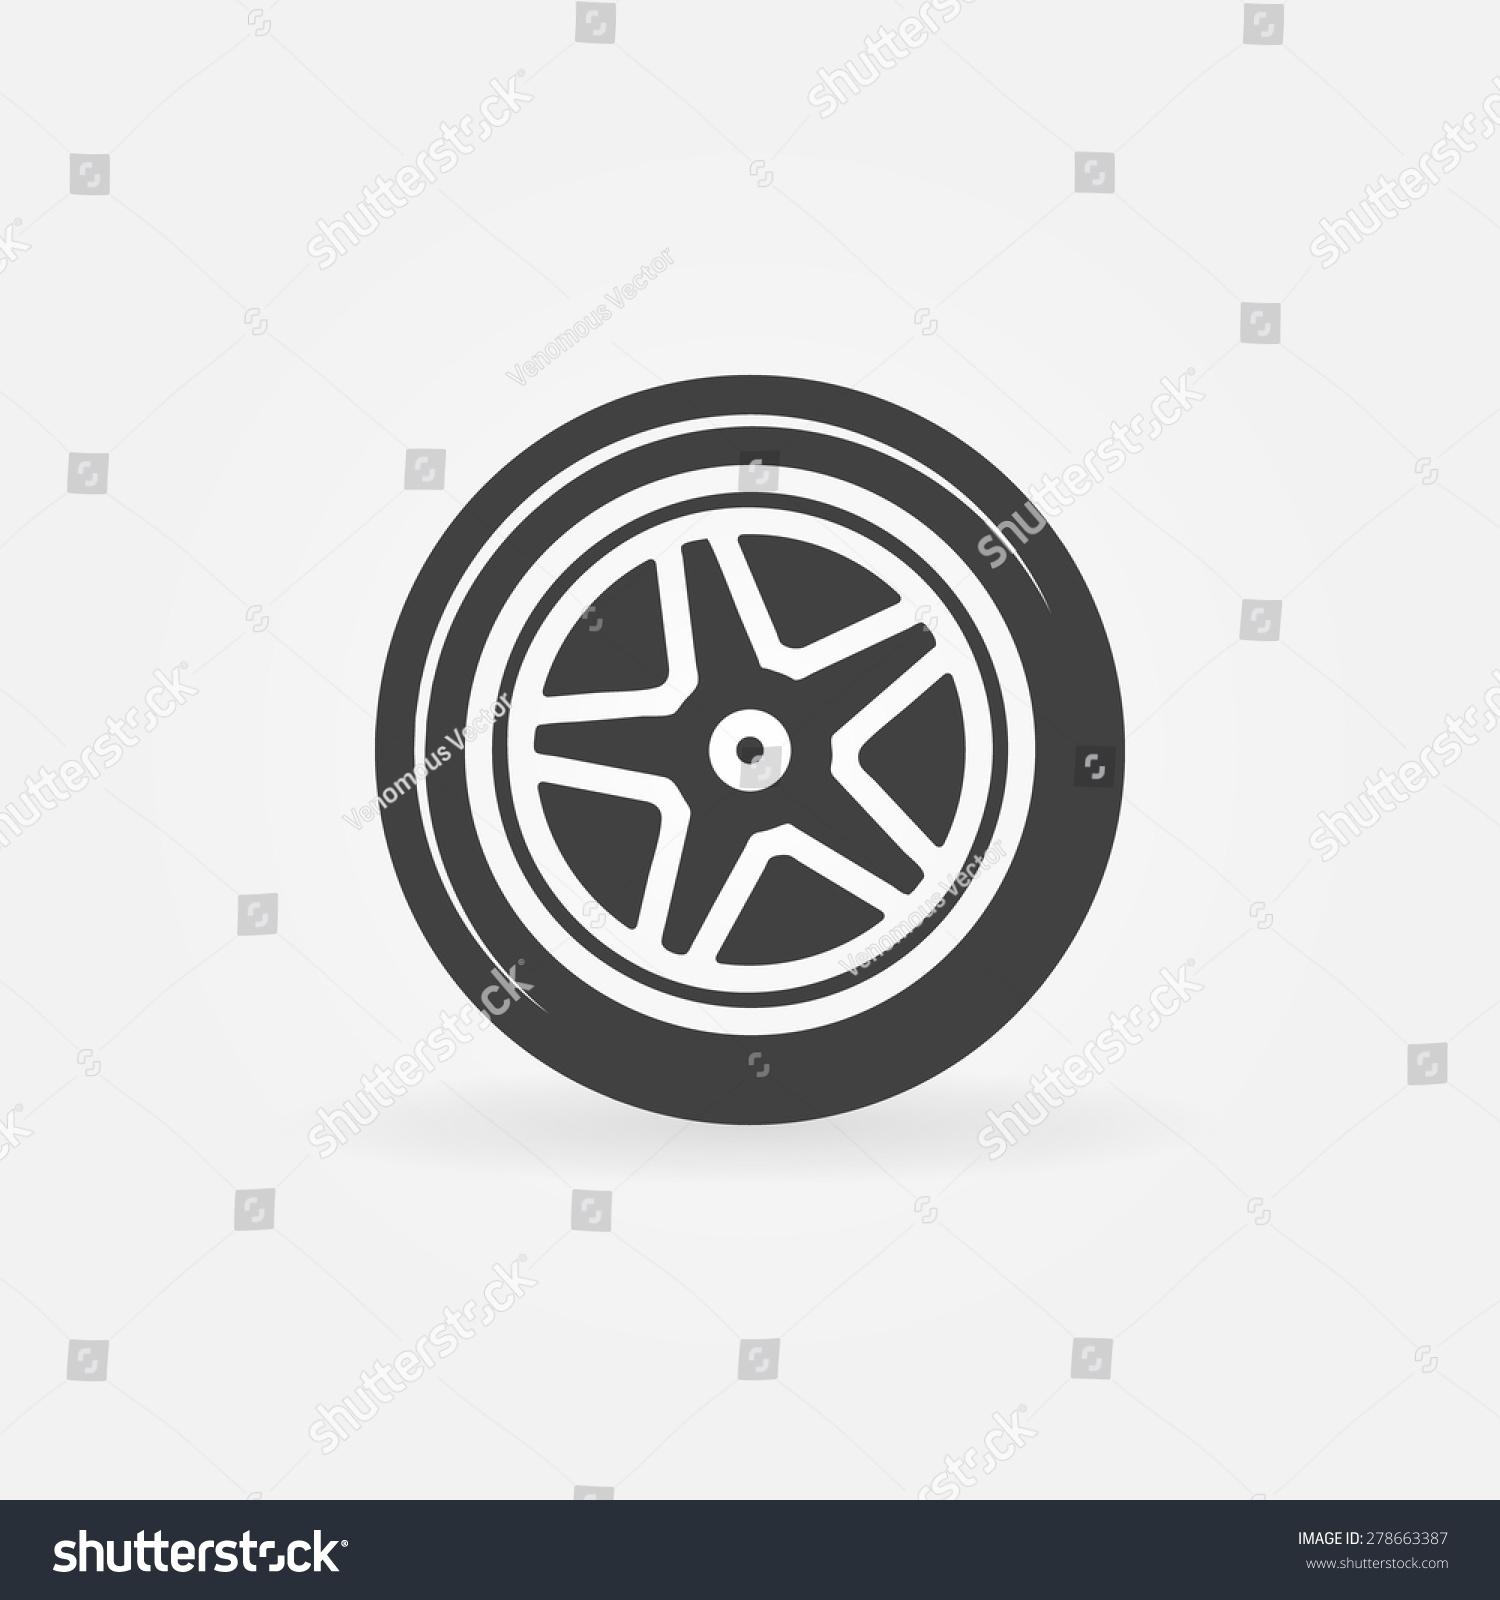 轮胎矢量图标或标志,黑色轮胎的象征-物体